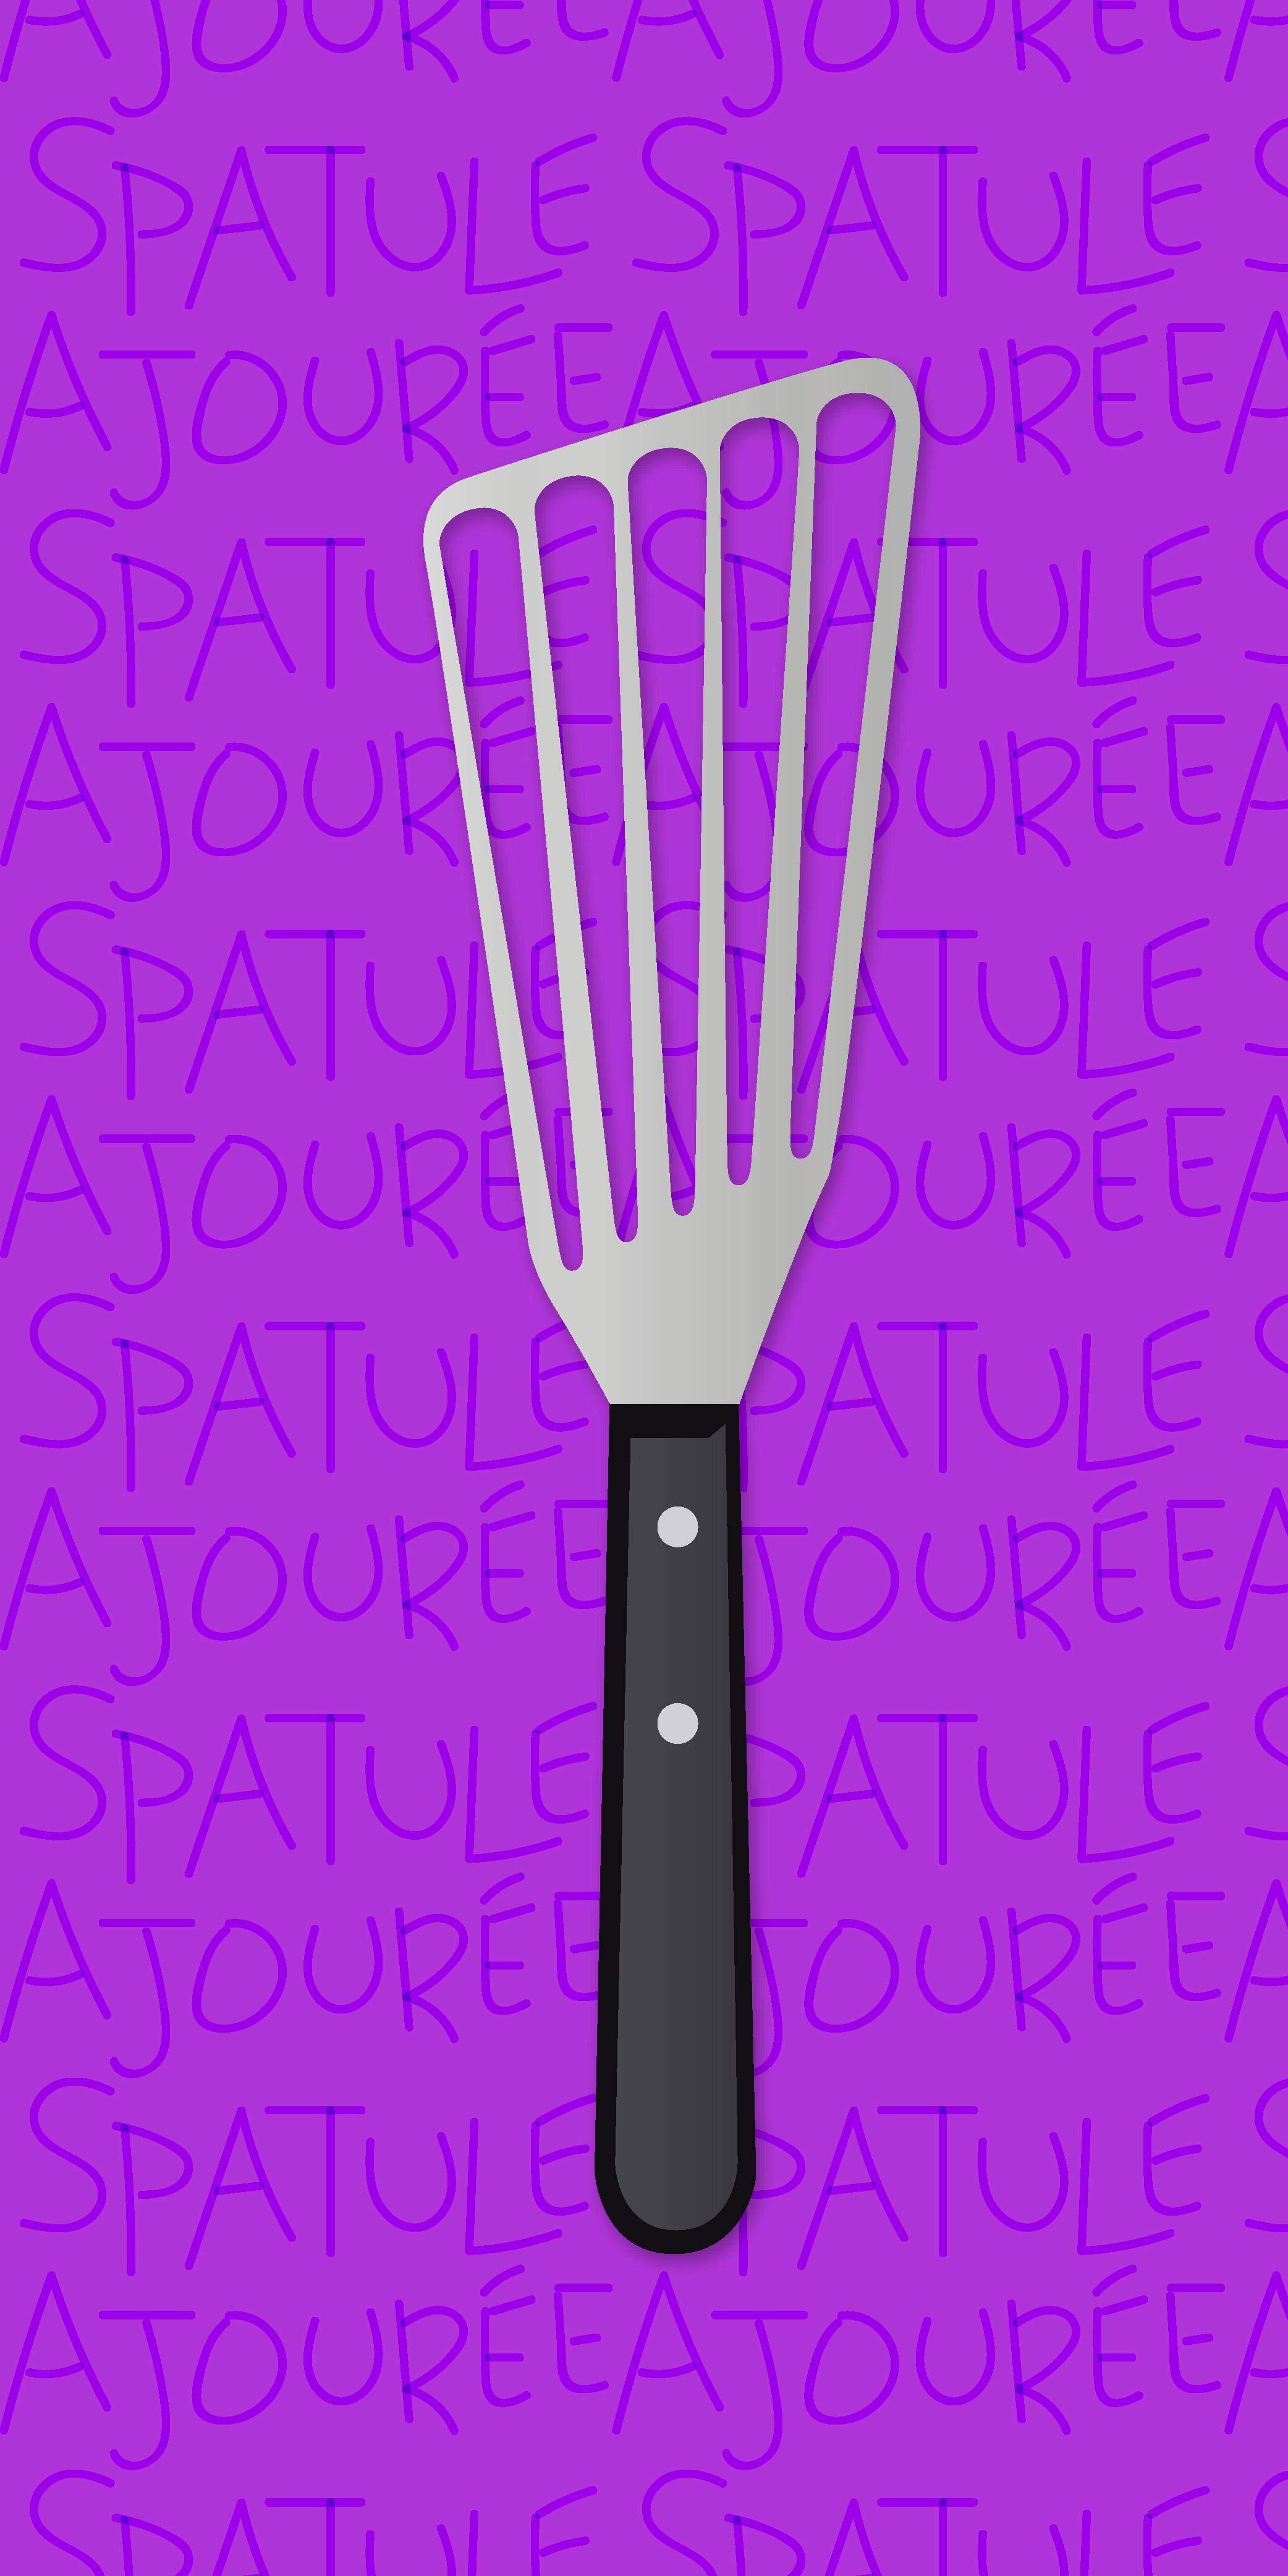 Fish Spatula - Spatule Ajourée